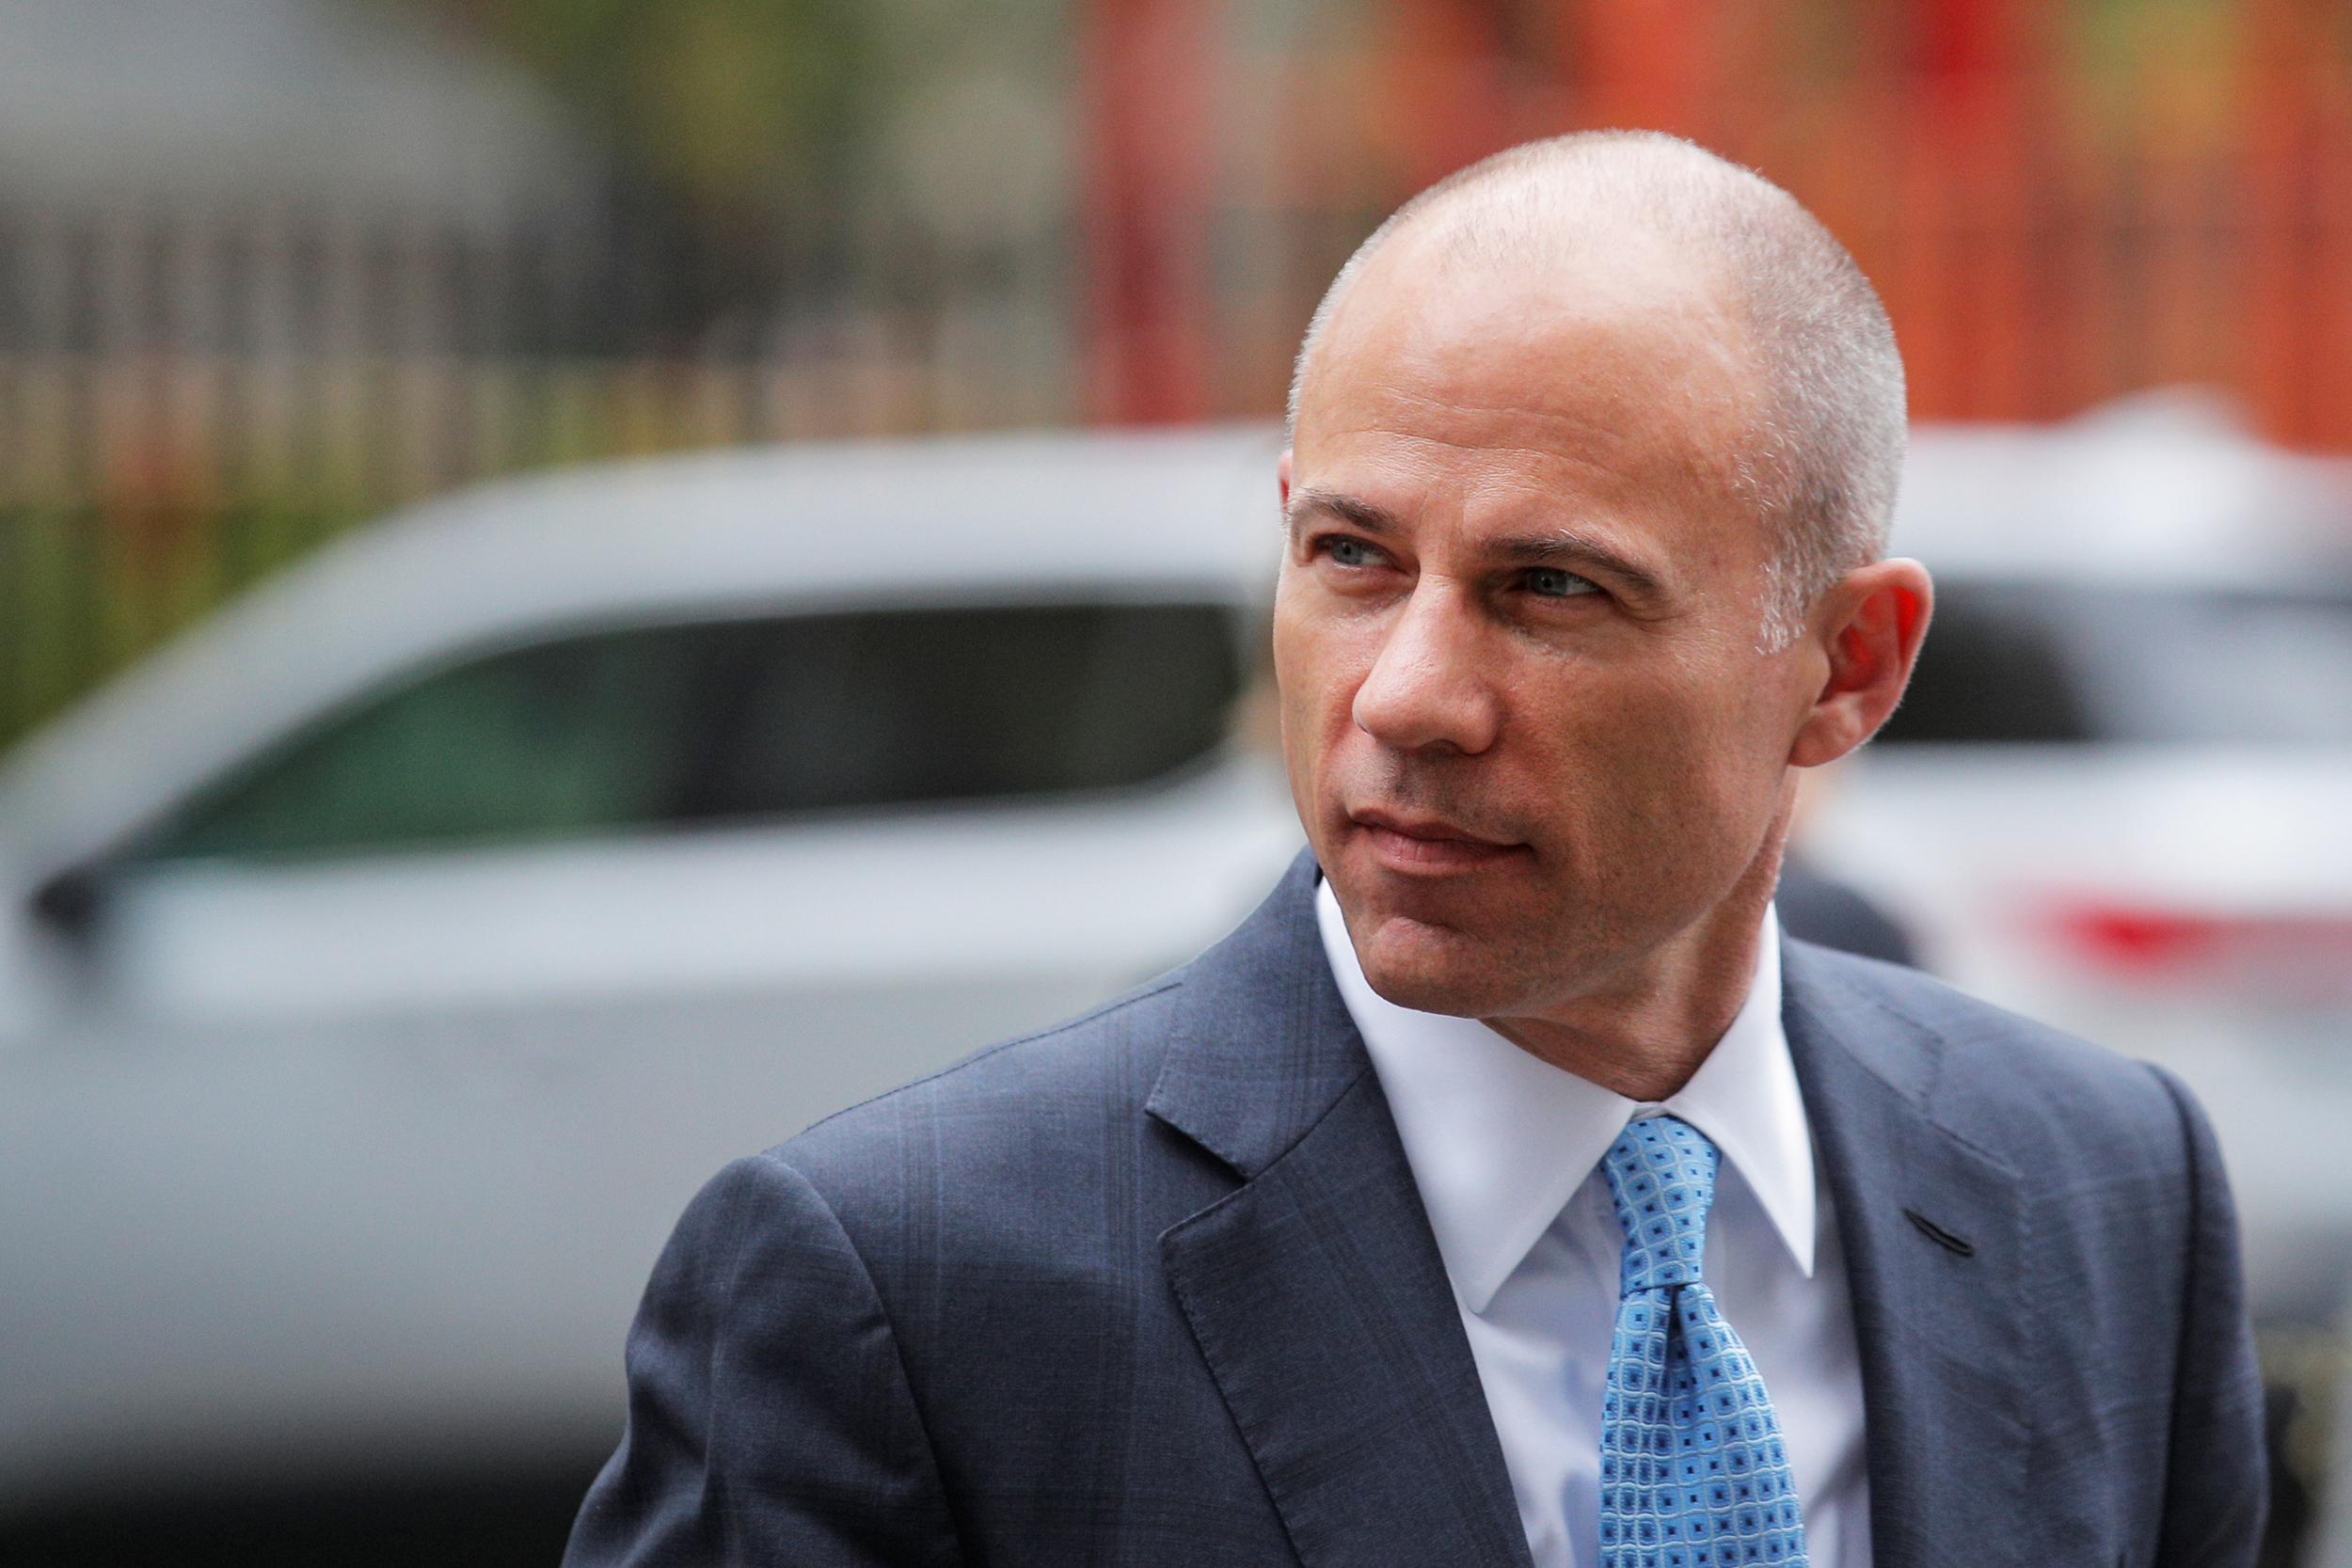 Michael Avenatti granted mistrial in California embezzlement case